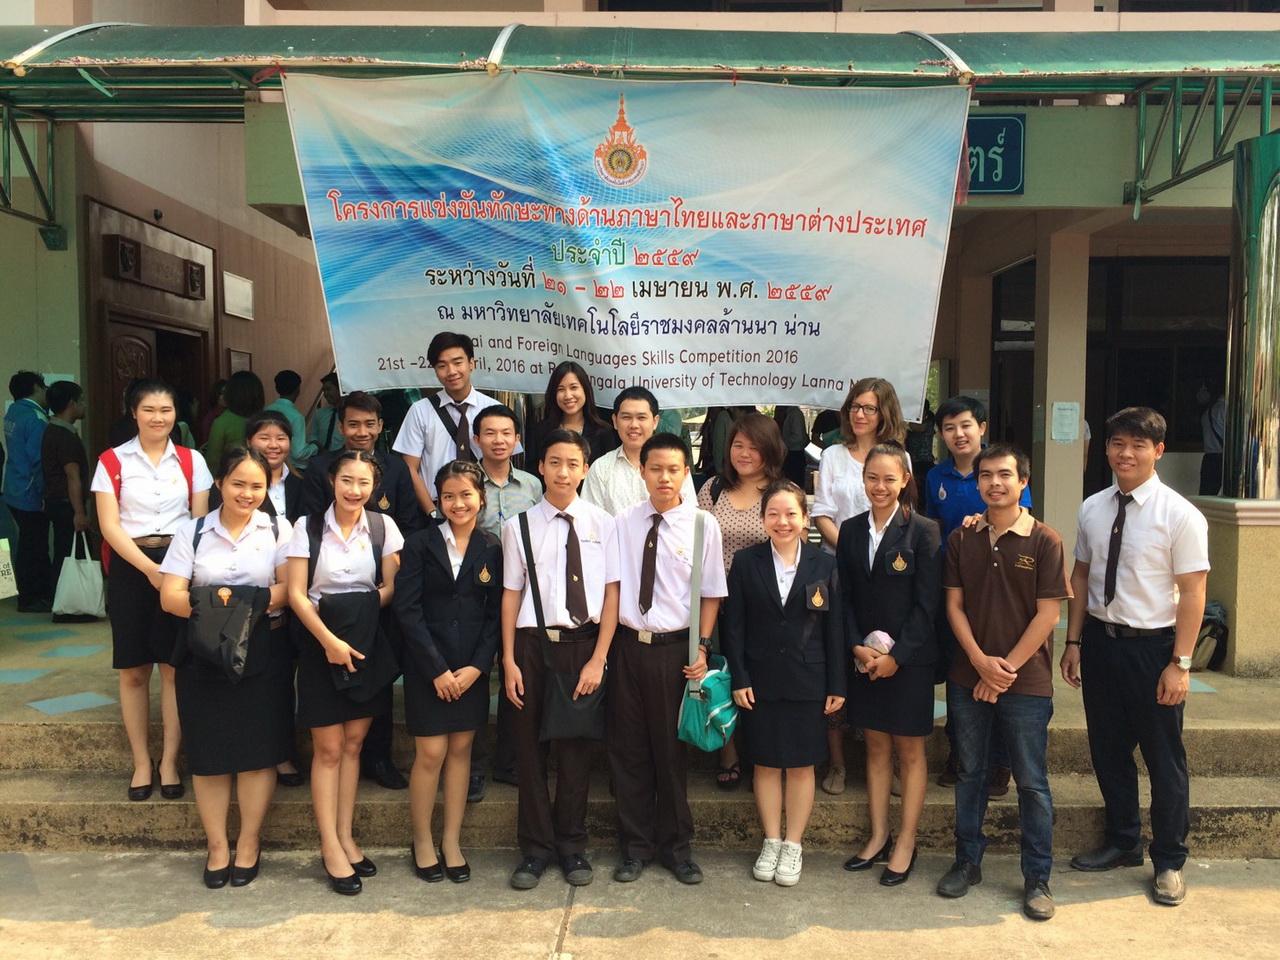 บุคลากรวิทยาลัยเทคโนโลยีและสหวิทยาการ นำนักศึกษาเข้าร่วมโครงการแข่งขันทักษะทางด้านภาษาไทยและภาษาต่างประเทศ ประจำปี 2559